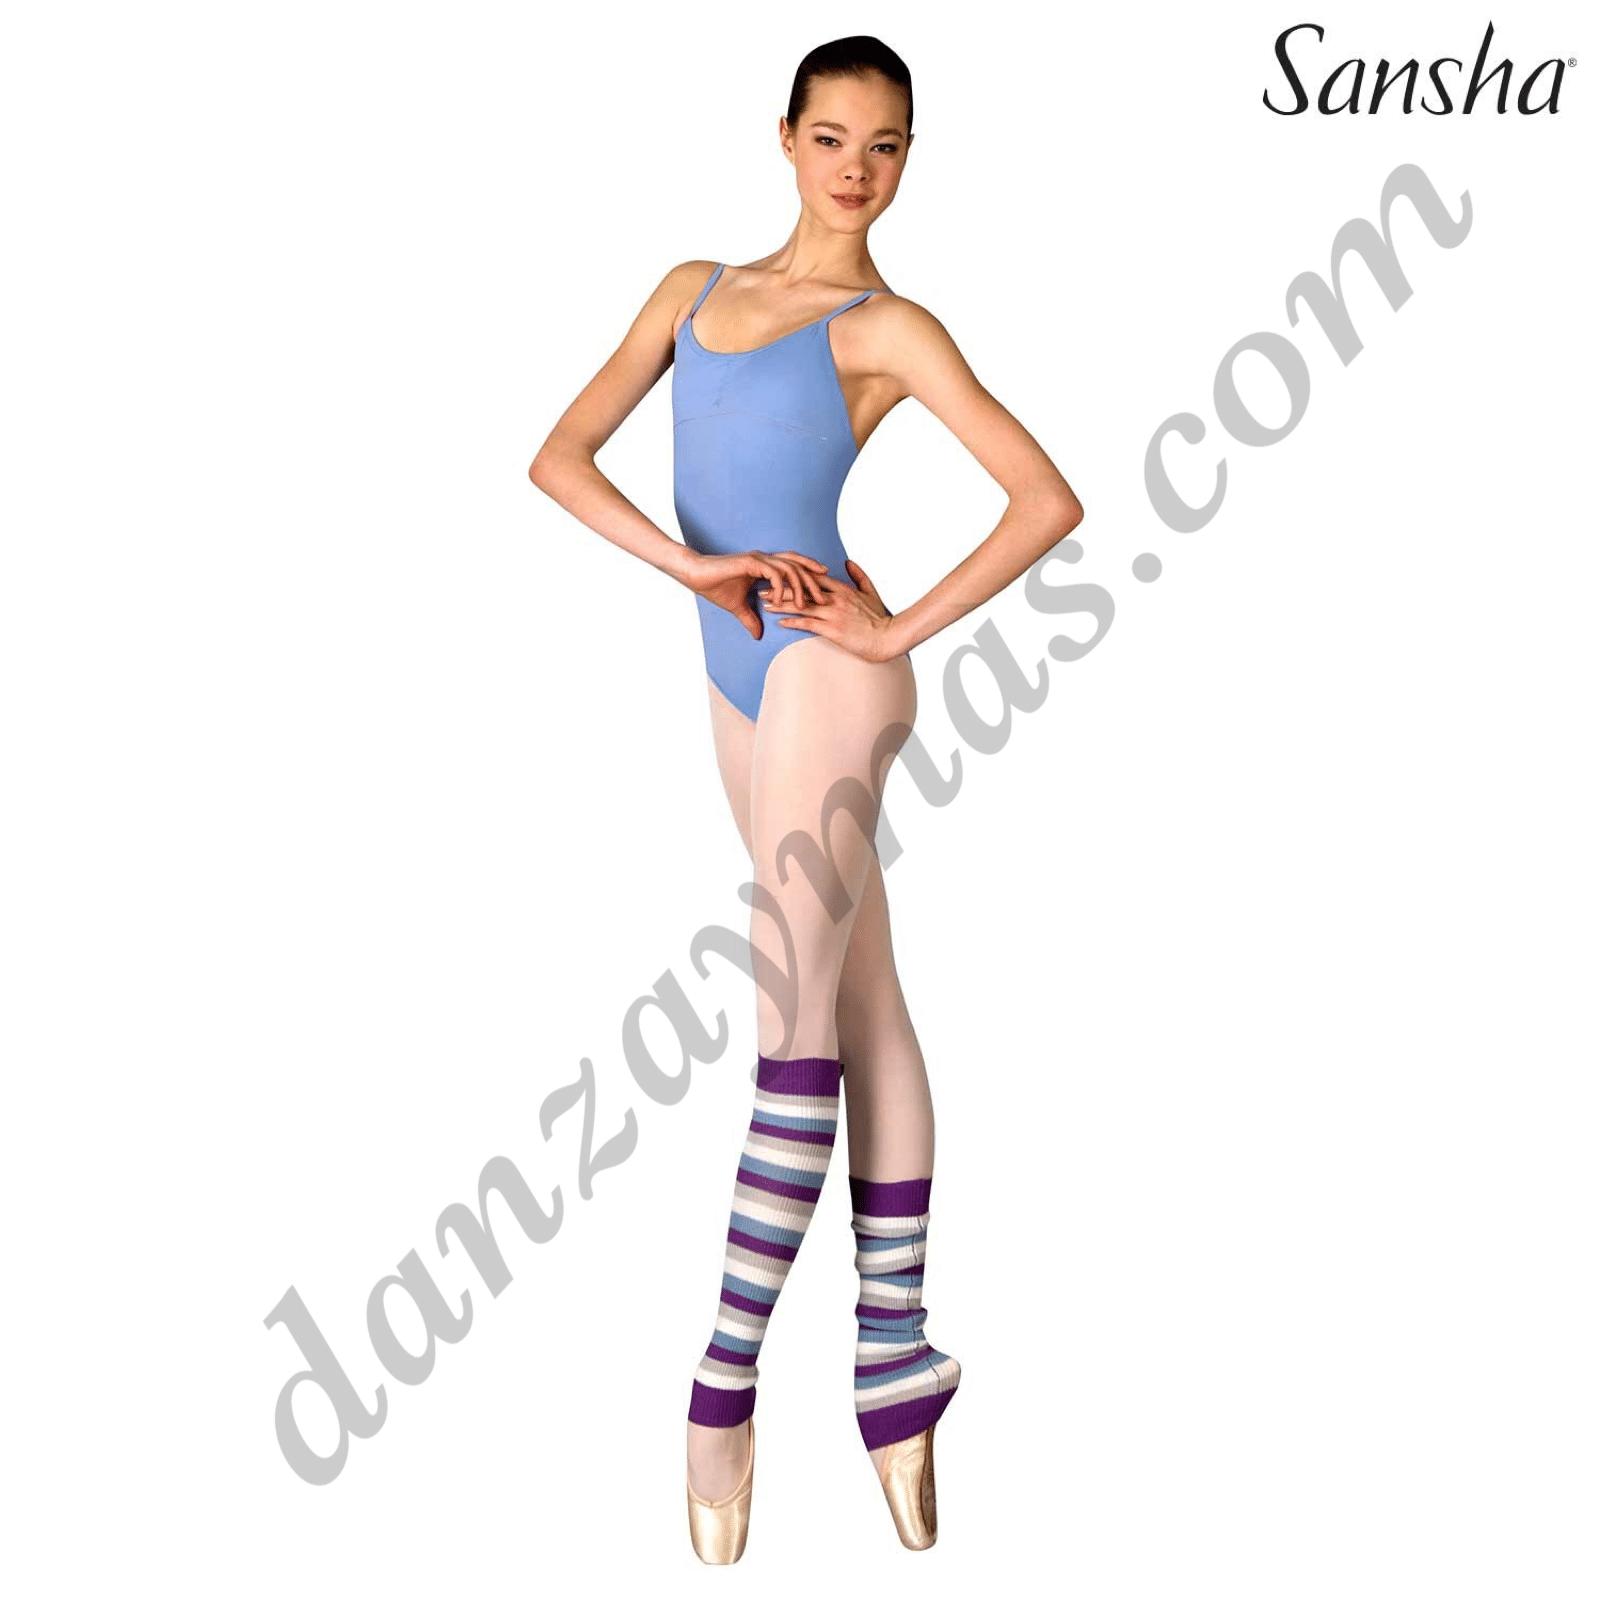 Calentadores danza Sansha modelo Zebra 166